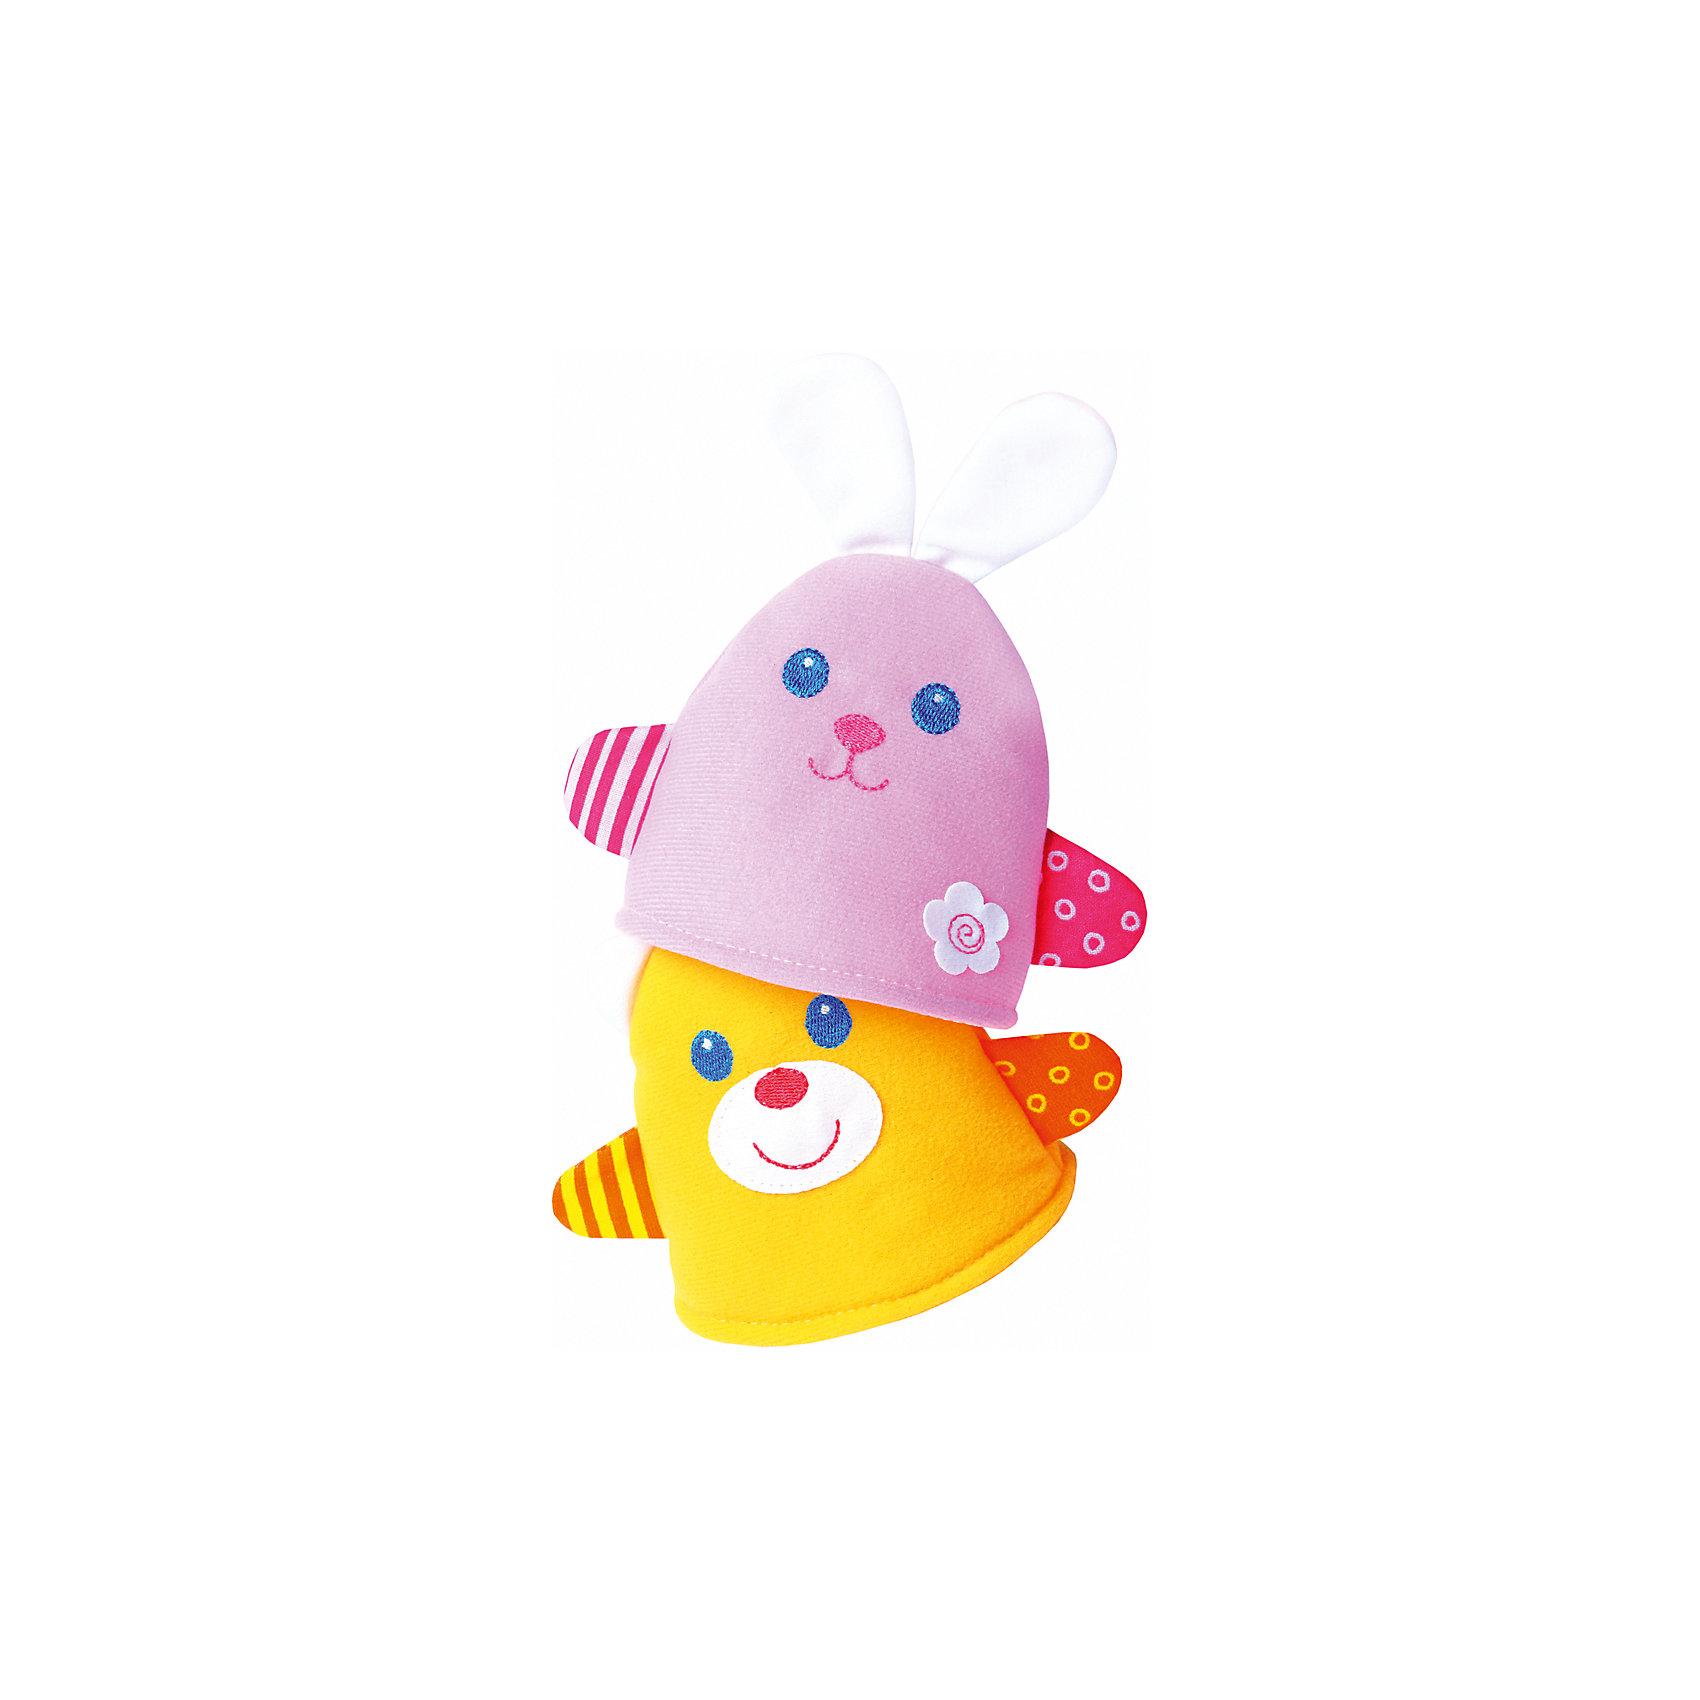 Игрушка-потешка Мишка с Зайкой, МякишиХарактеристики товара:<br><br>• материал: трикотаж, синтепон<br>• комплектация: зайка и мишка<br>• размер игрушки: 14х14 см<br>• разные фактуры<br>• пищалка в одной игрушке<br>• развивающая игрушка<br>• упаковка: пакет<br>• страна бренда: РФ<br>• страна изготовитель: РФ<br><br>Малыши активно познают мир и тянутся к новой информации. Чтобы сделать процесс изучения окружающего пространства интереснее, ребенку можно подарить развивающие игрушки. В процессе игры информация усваивается намного лучше!<br>Такие игрушки помогут занять малыша, играть с ними приятно и весело. Игрушка имеет универсальный размер - она отлично сядет по детской ручке или поможет спрятать предмет. С ней можно разыграть множество сюжетов! Одновременно она позволит познакомиться с разными цветами и фактурами. Такие игрушки развивают тактильные ощущения, моторику, цветовосприятие, логику, воображение, учат фокусировать внимание. Каждое изделие абсолютно безопасно – оно создано из качественной ткани с мягким наполнителем. Игрушки производятся из качественных и проверенных материалов, которые безопасны для детей.<br><br>Игрушку-потешку Мишка с Зайкой от бренда Мякиши можно купить в нашем интернет-магазине.<br><br>Ширина мм: 350<br>Глубина мм: 160<br>Высота мм: 80<br>Вес г: 40<br>Возраст от месяцев: 12<br>Возраст до месяцев: 36<br>Пол: Унисекс<br>Возраст: Детский<br>SKU: 5183207